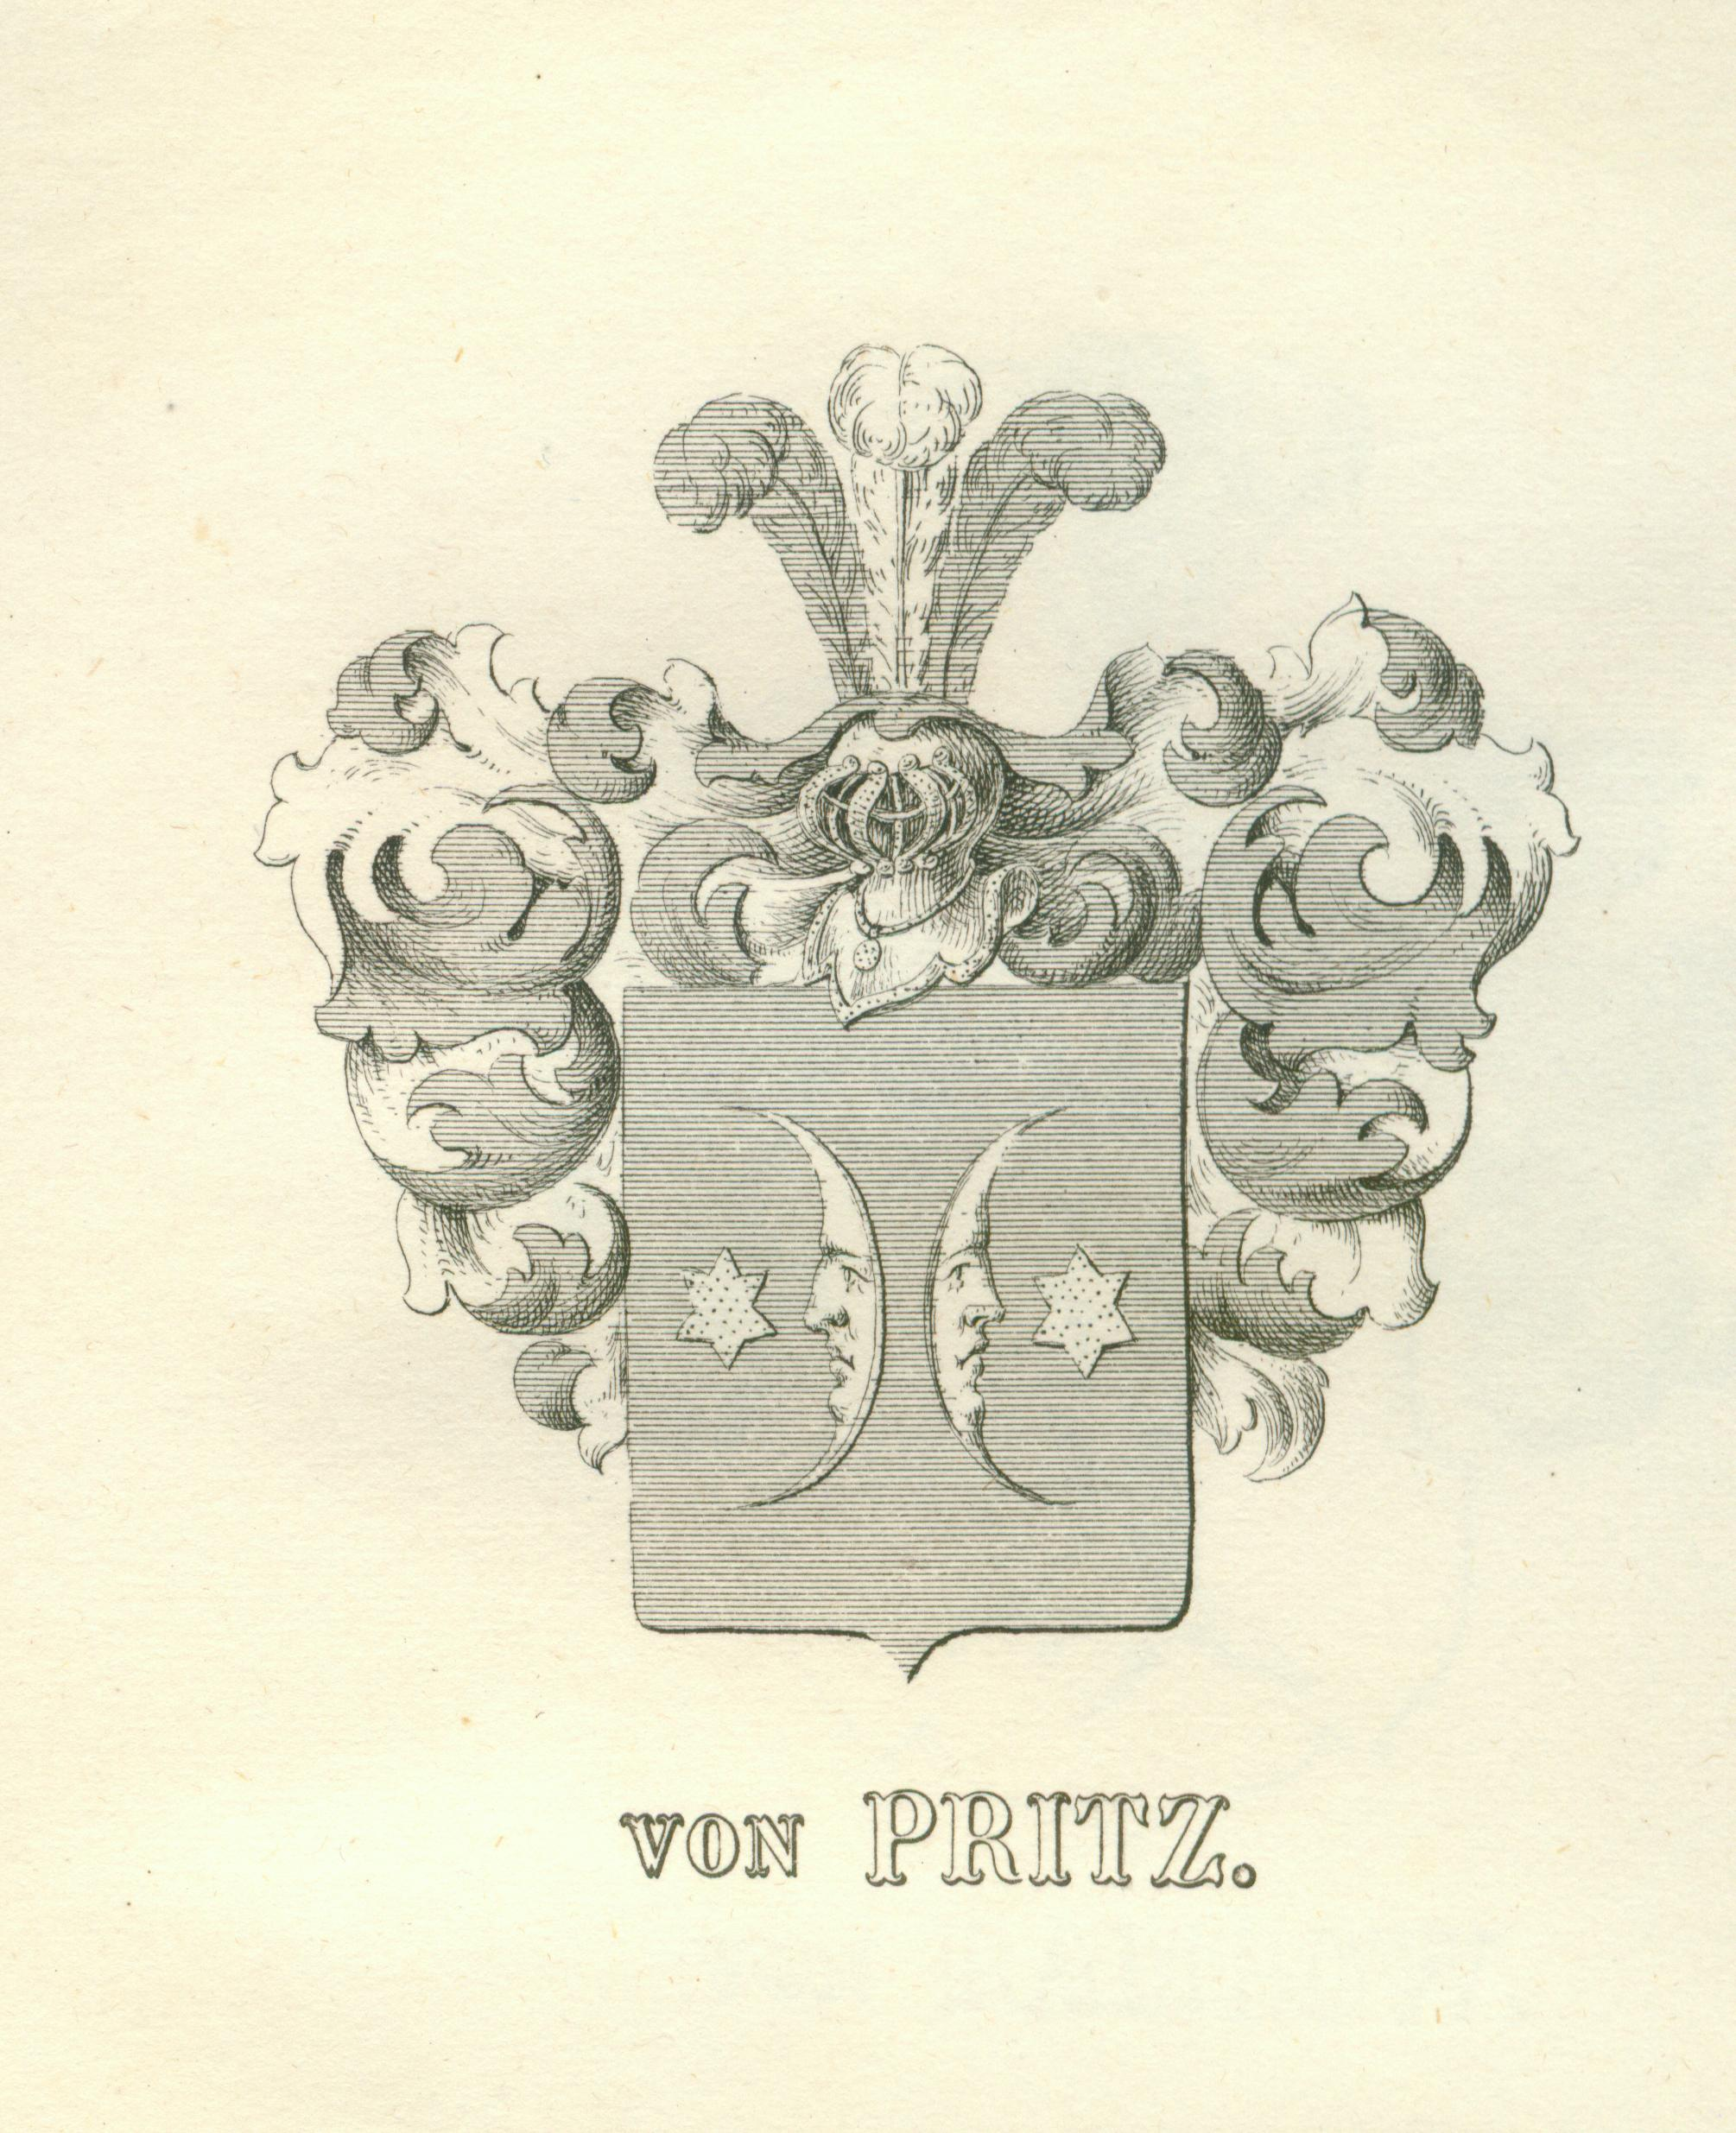 Pritz